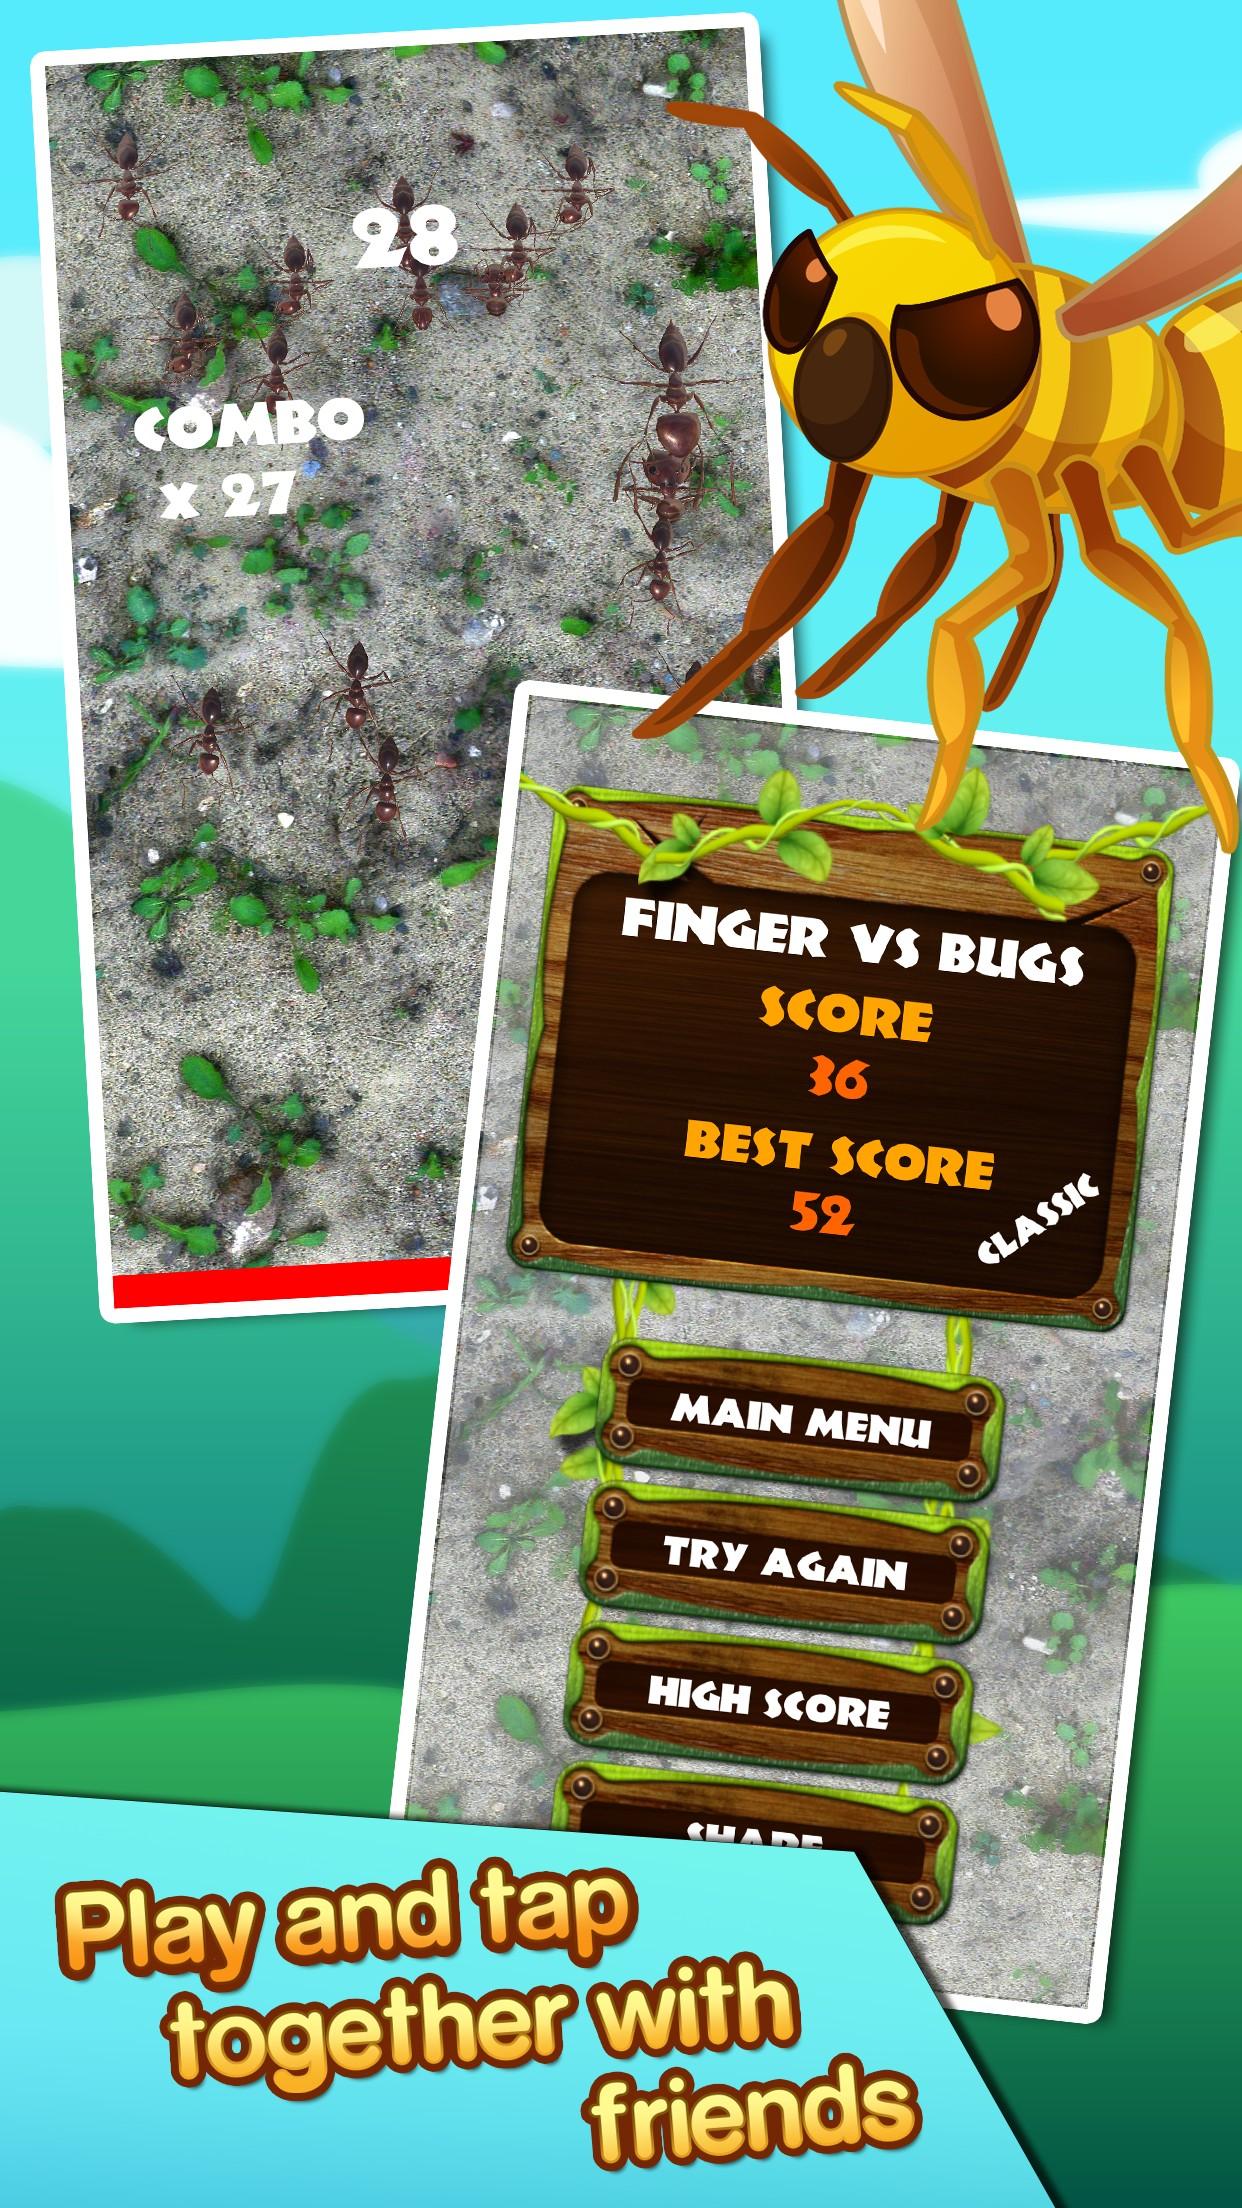 Finger vs bugs